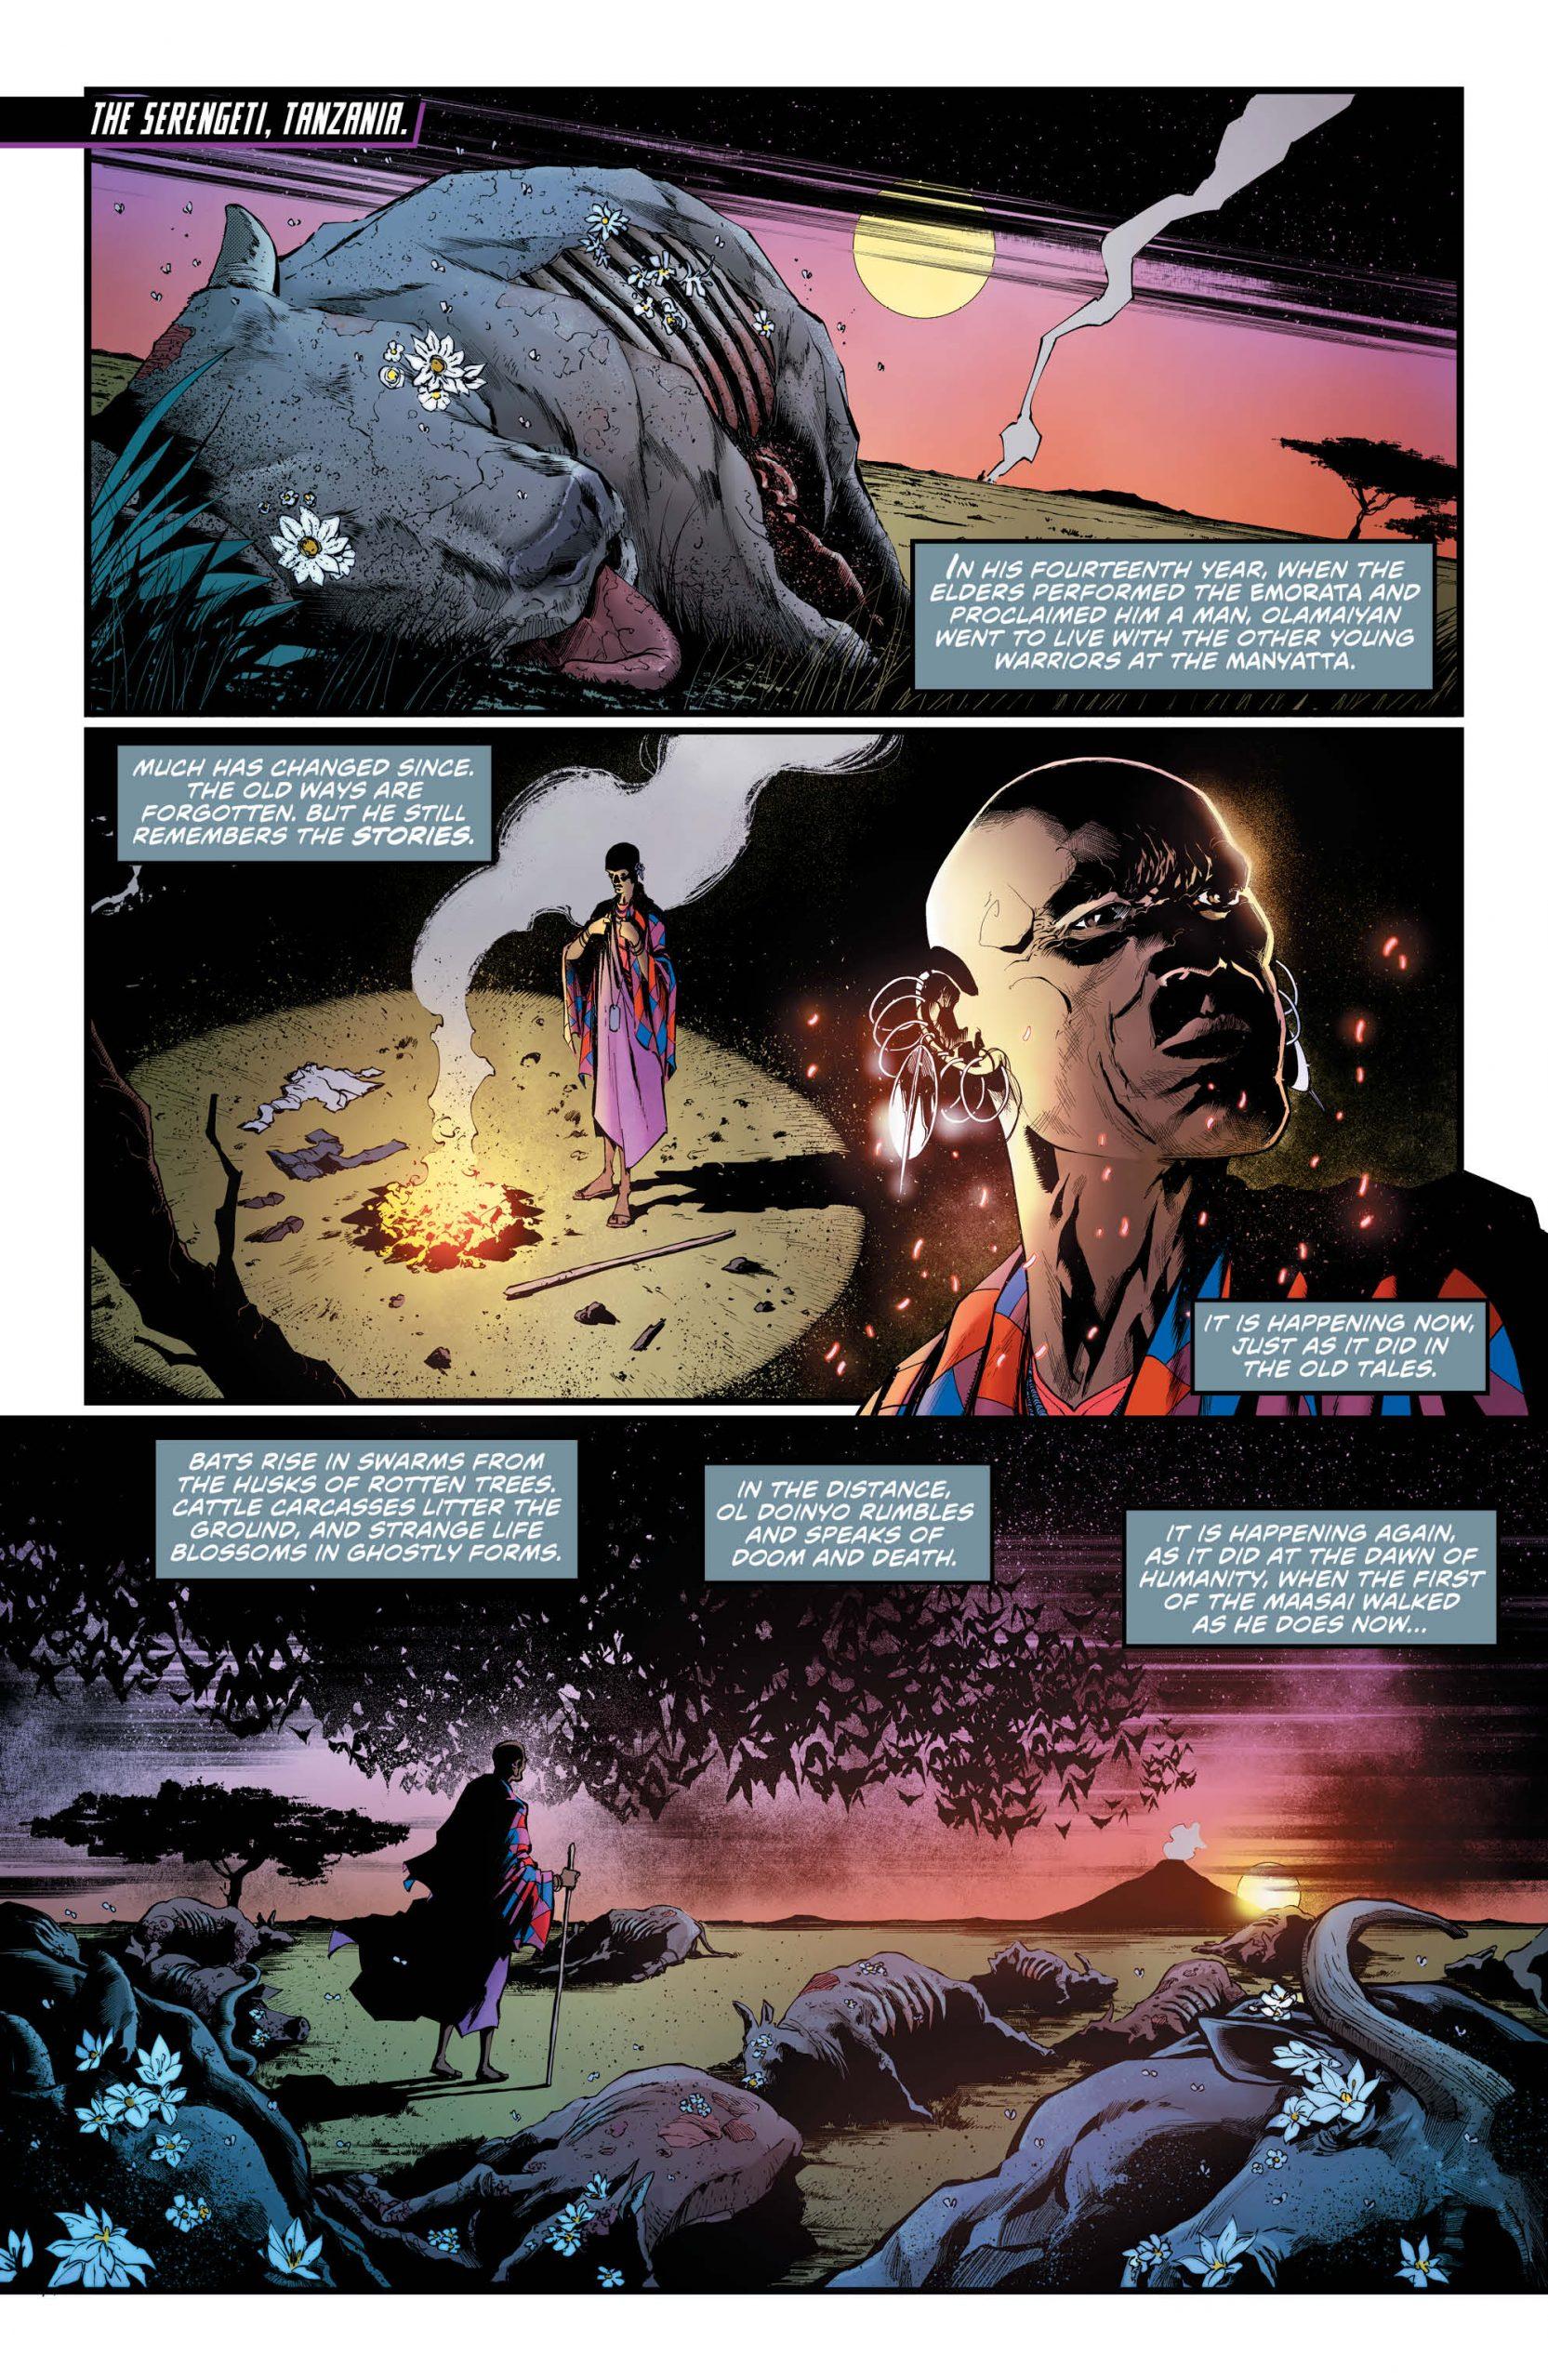 Justice League Dark #22 Pg. 1